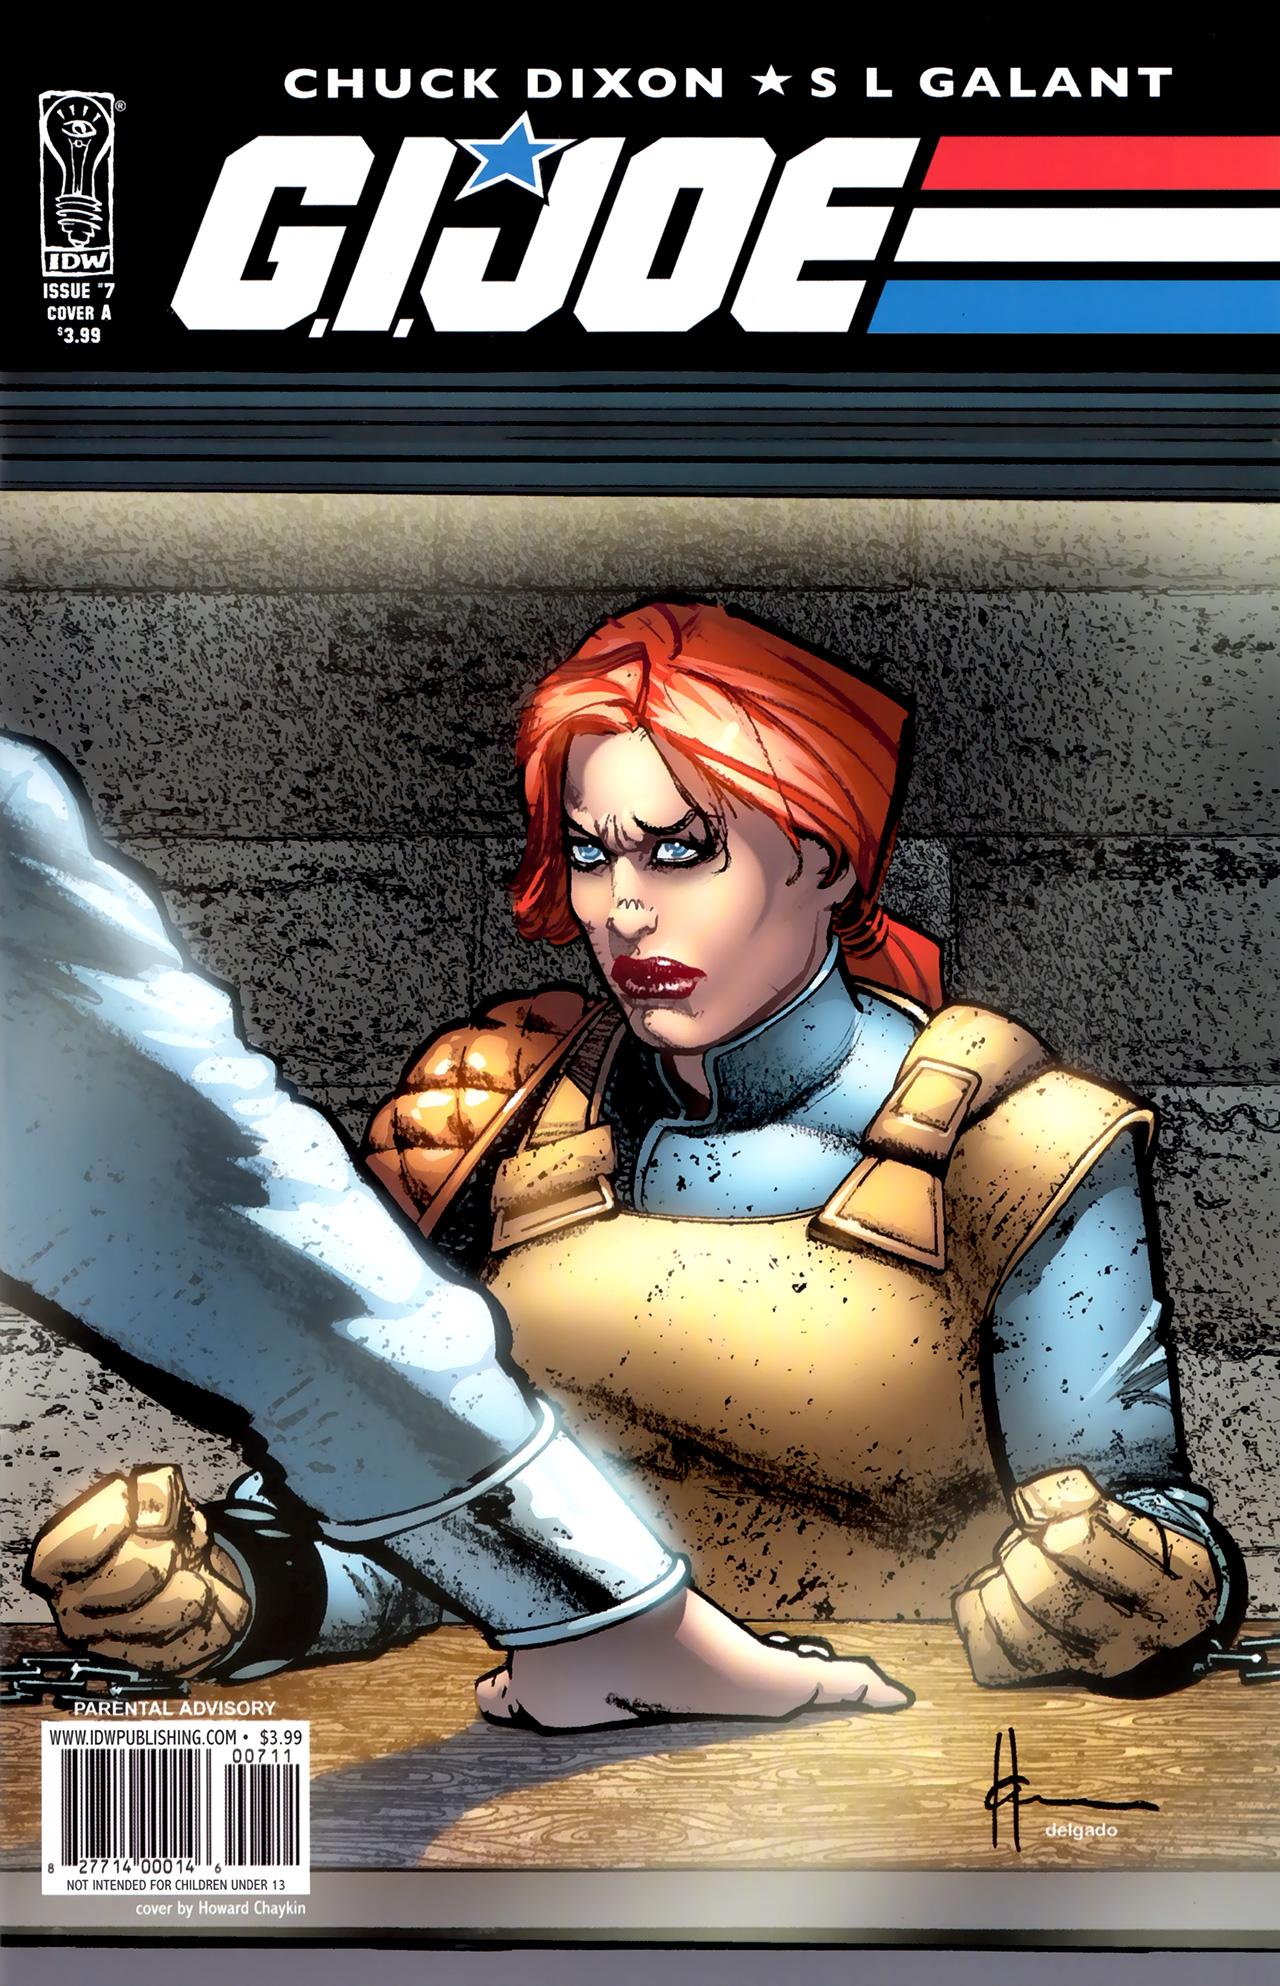 G.I. Joe (2008) #7, cover by Howard Chaykin.